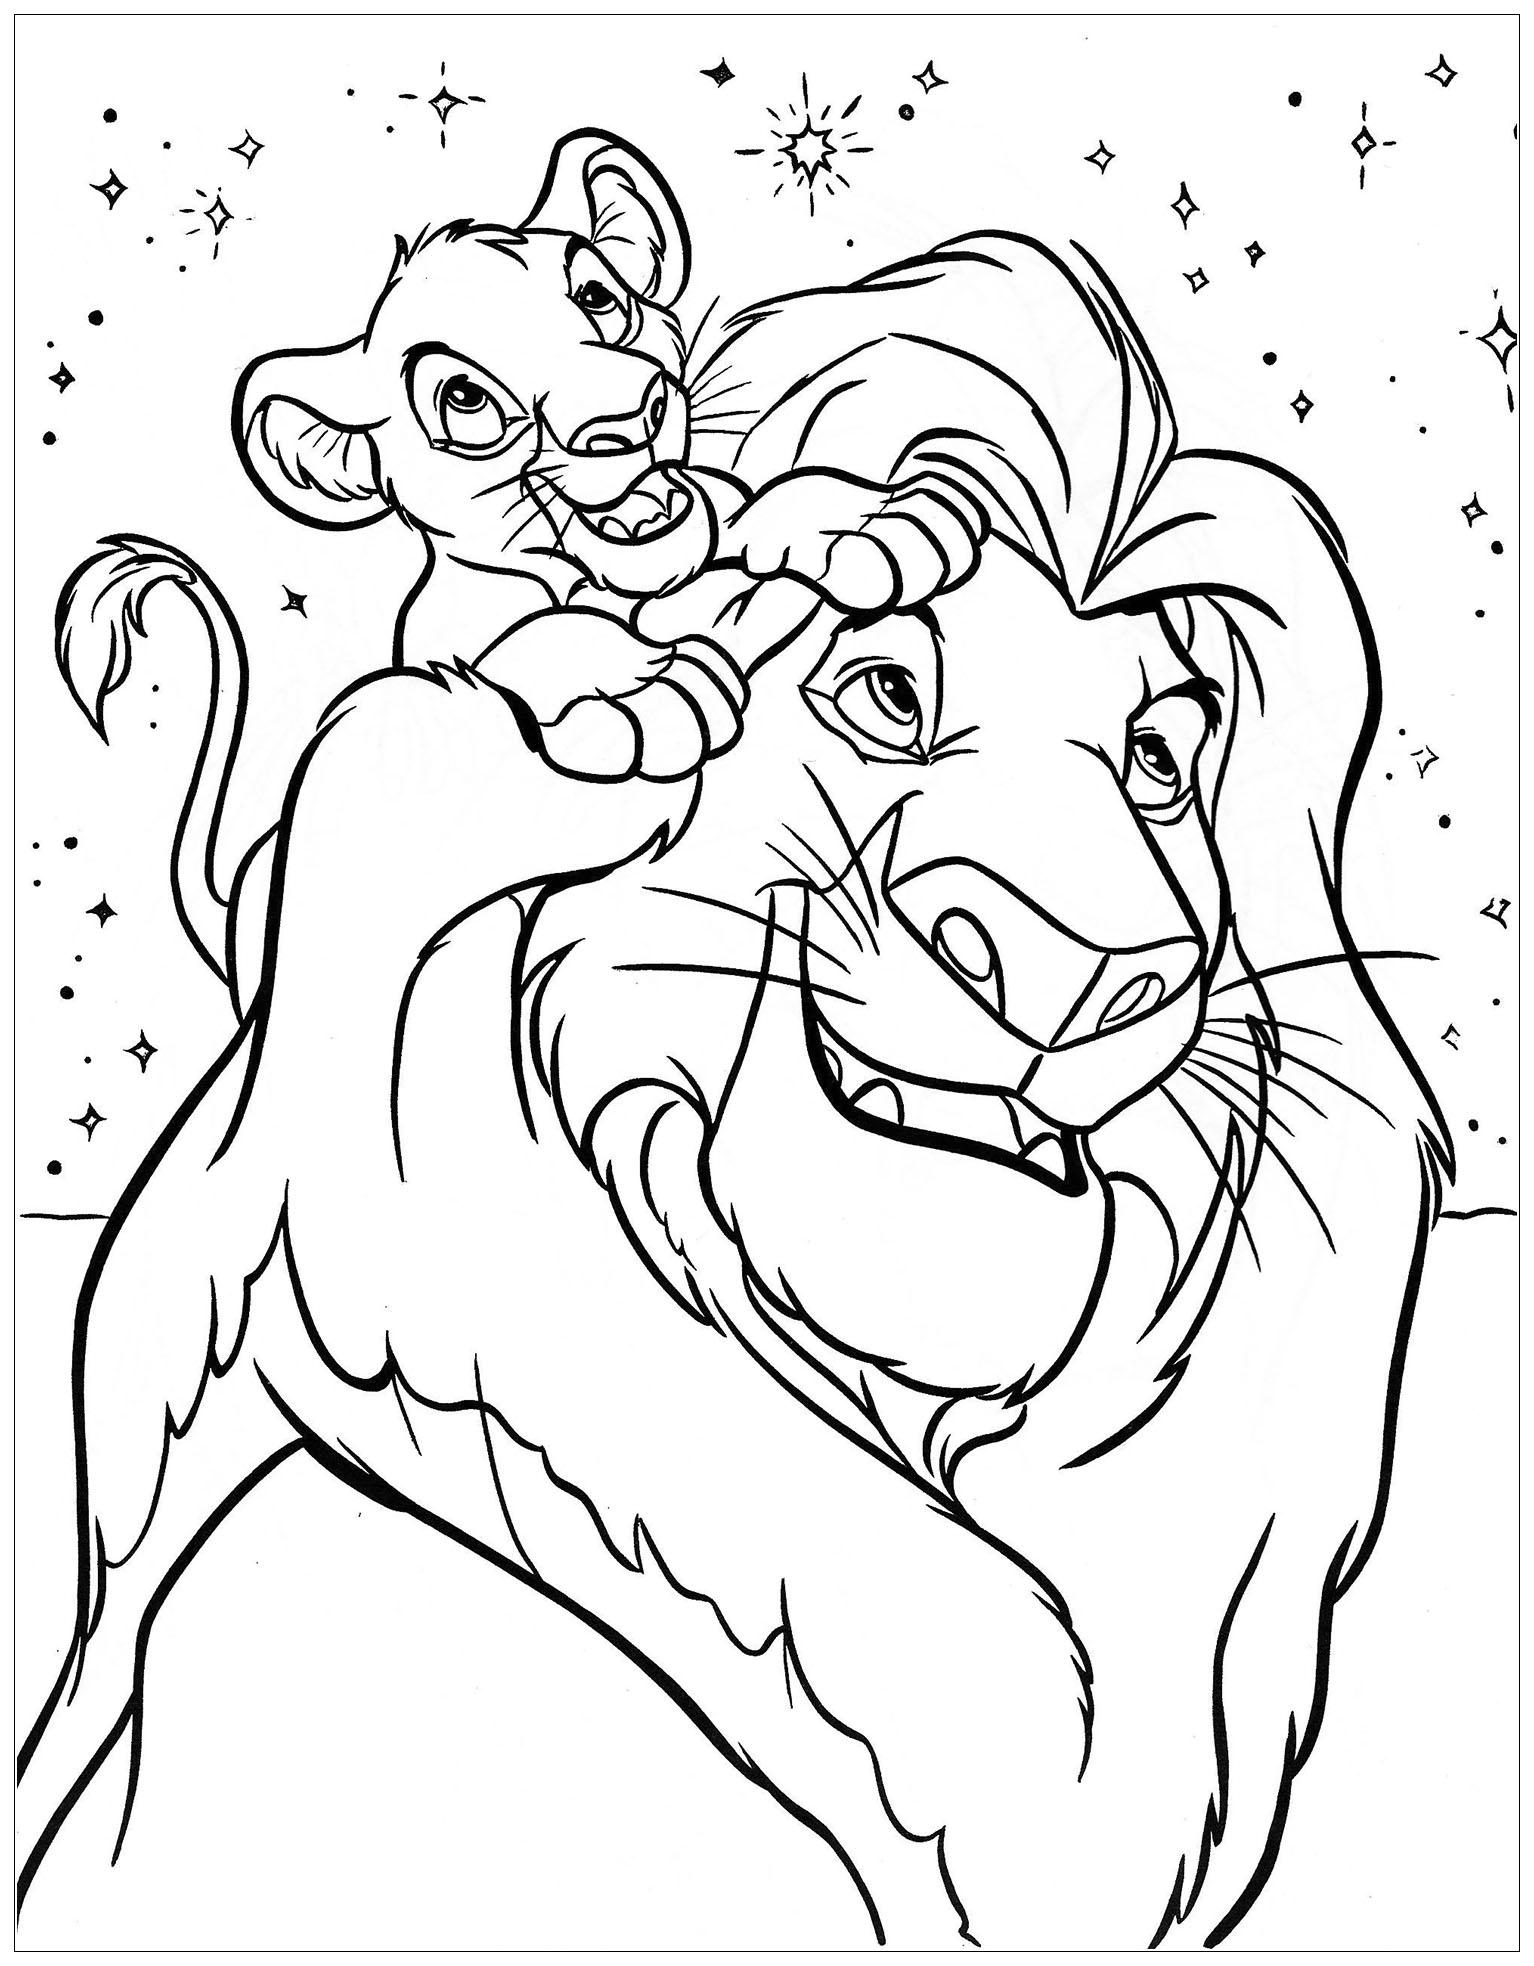 Simba Et Son Père - Coloriage Le Roi Lion - Coloriages avec Lion Dessin Enfant